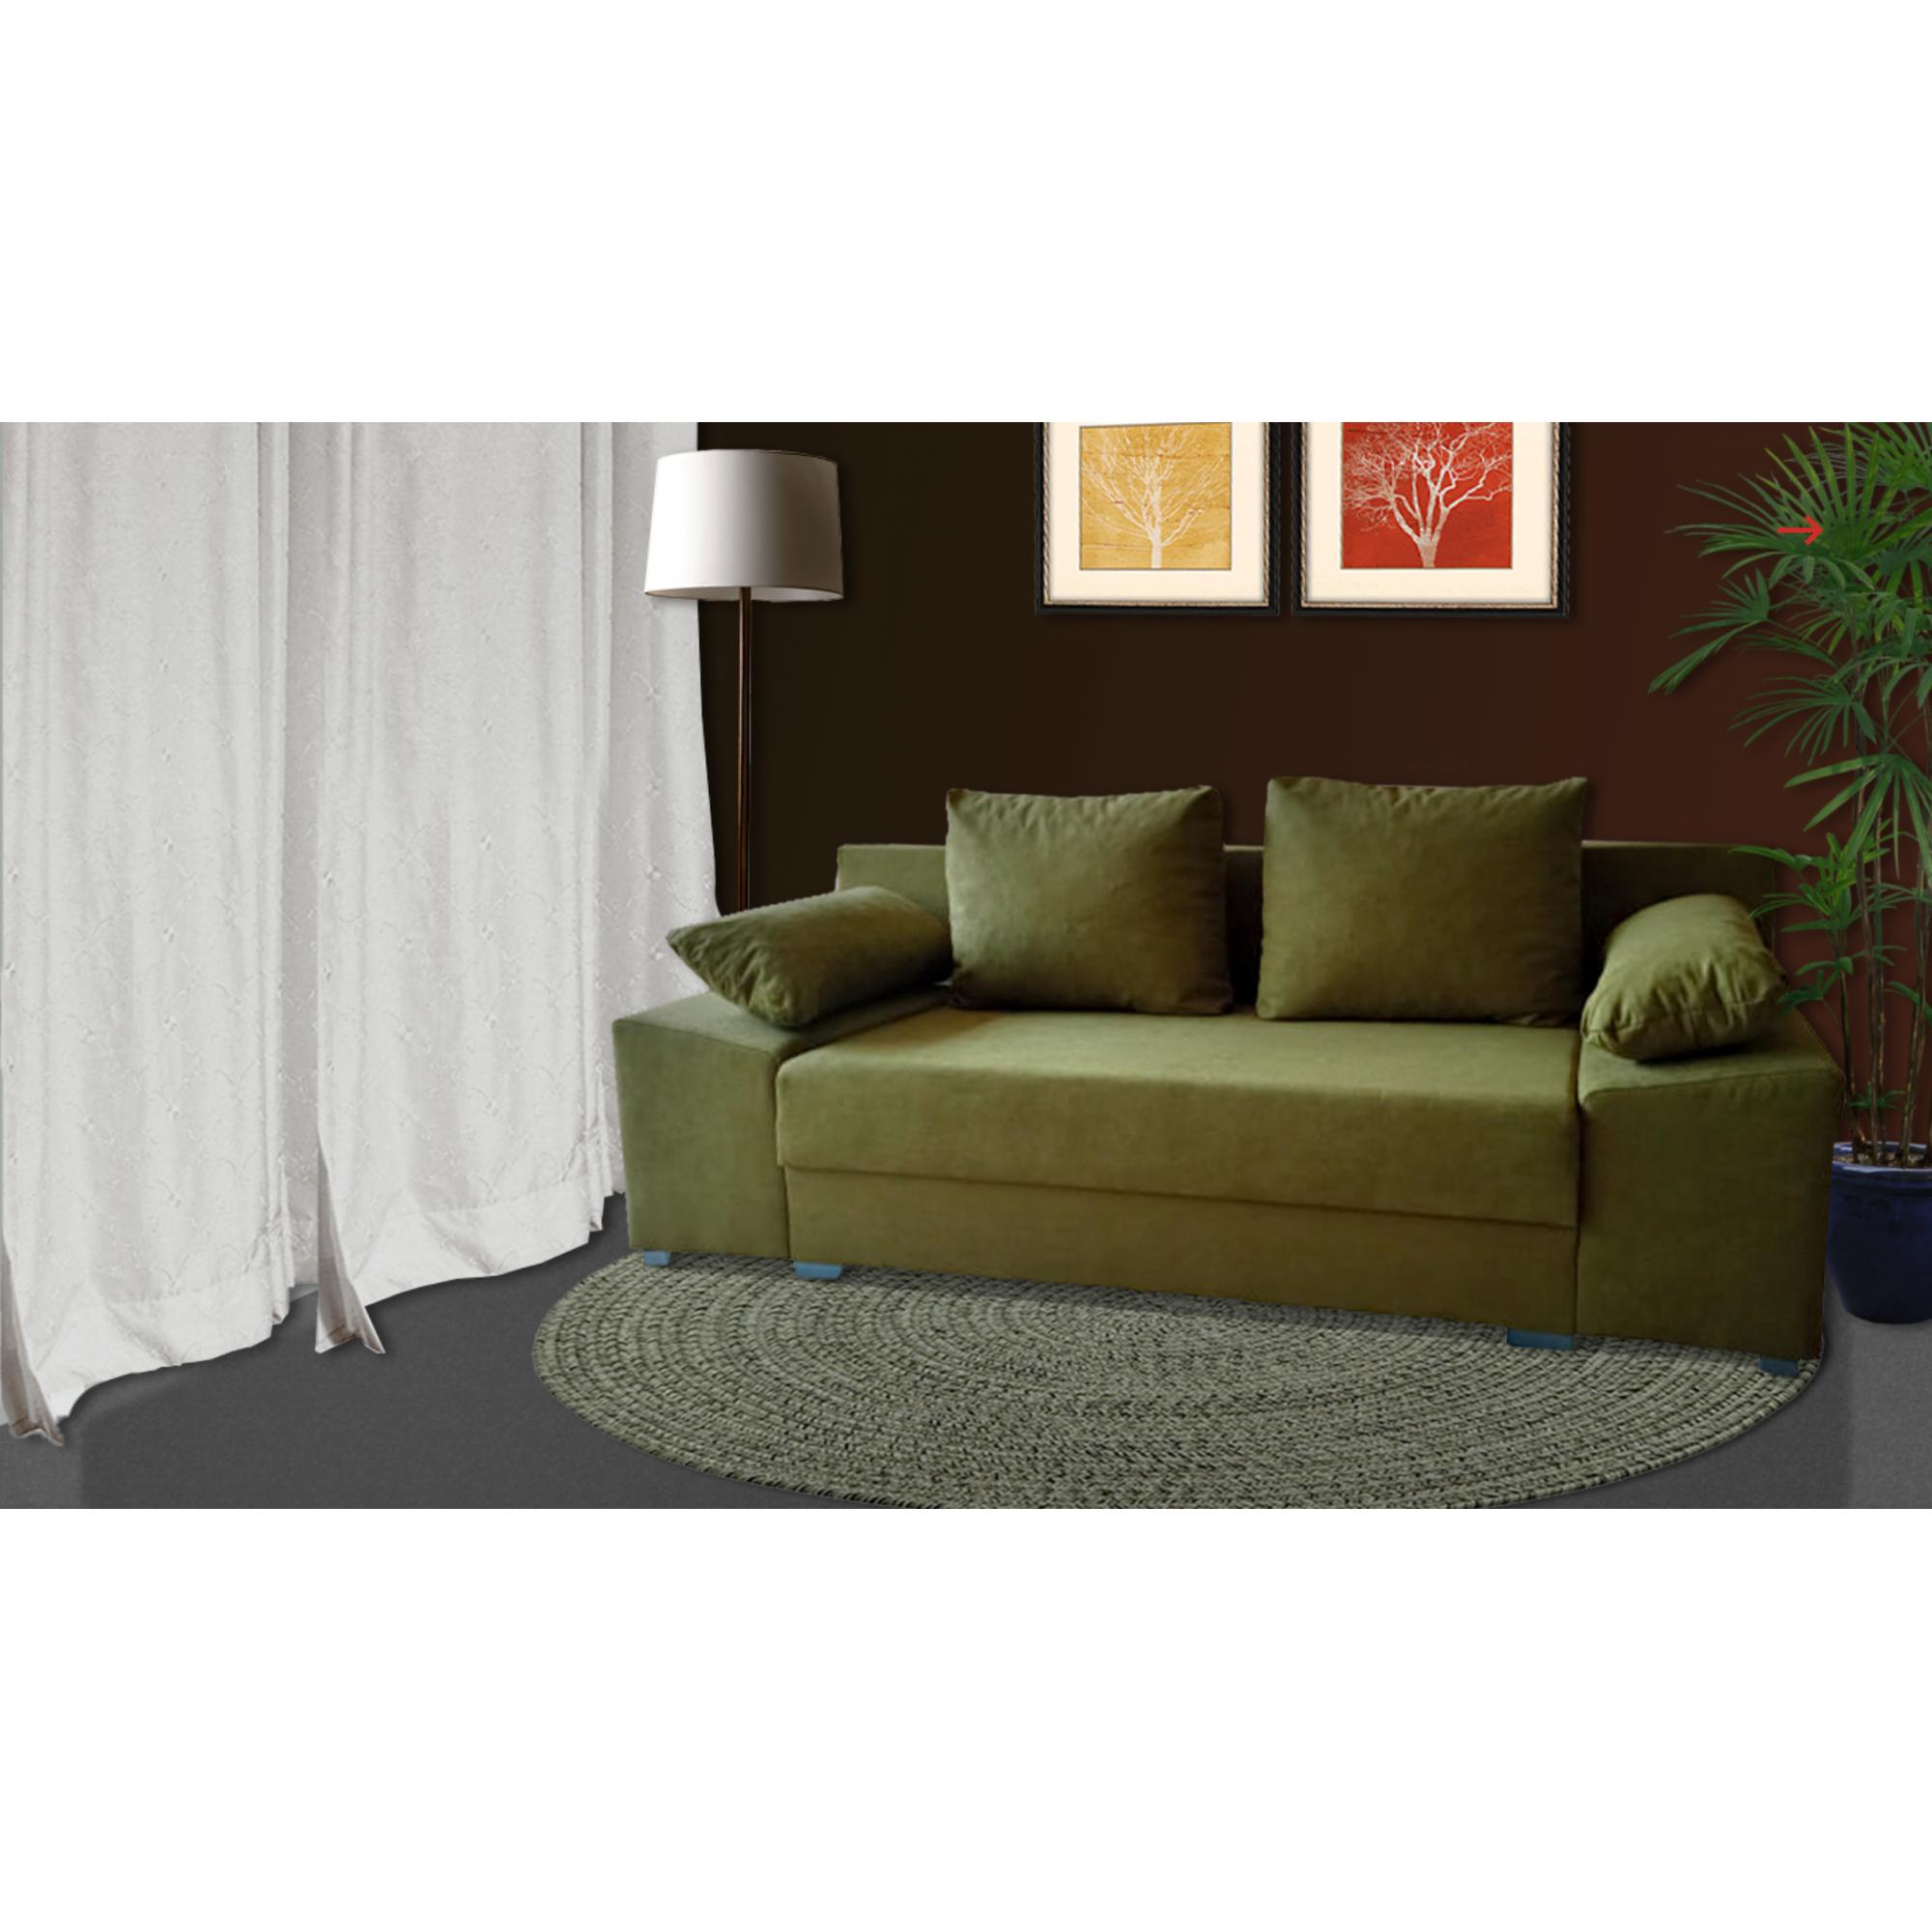 Разтегателен диван с ракла ANDOLI Gandi pistacho, С 2 броя големи и 2 броя подлакътни възглавници